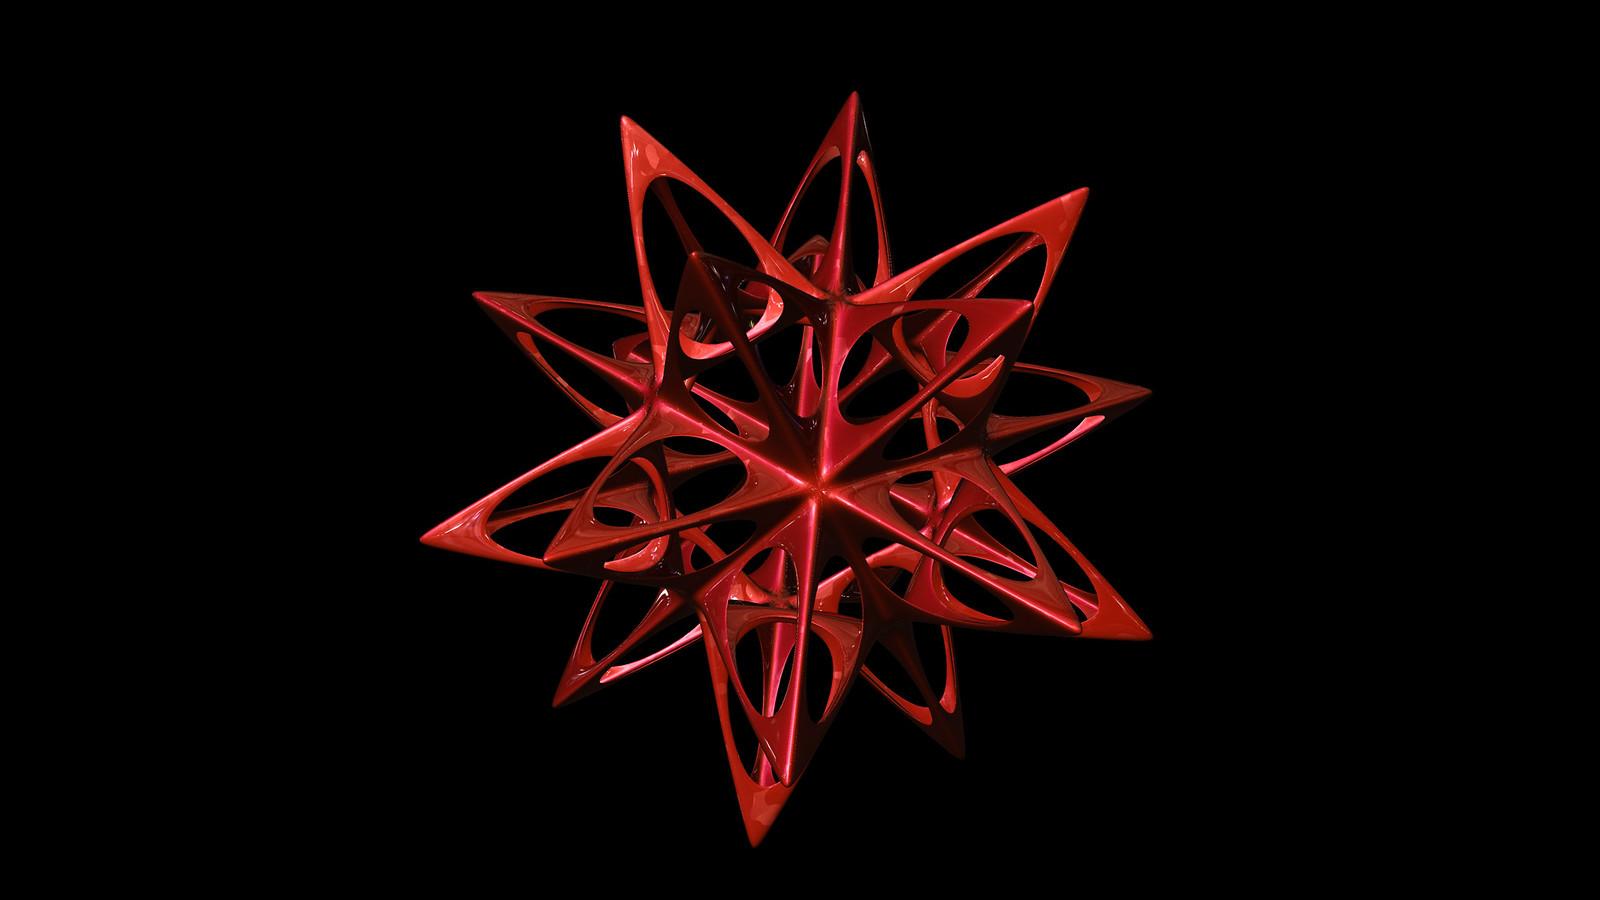 icosahedron spiky soft